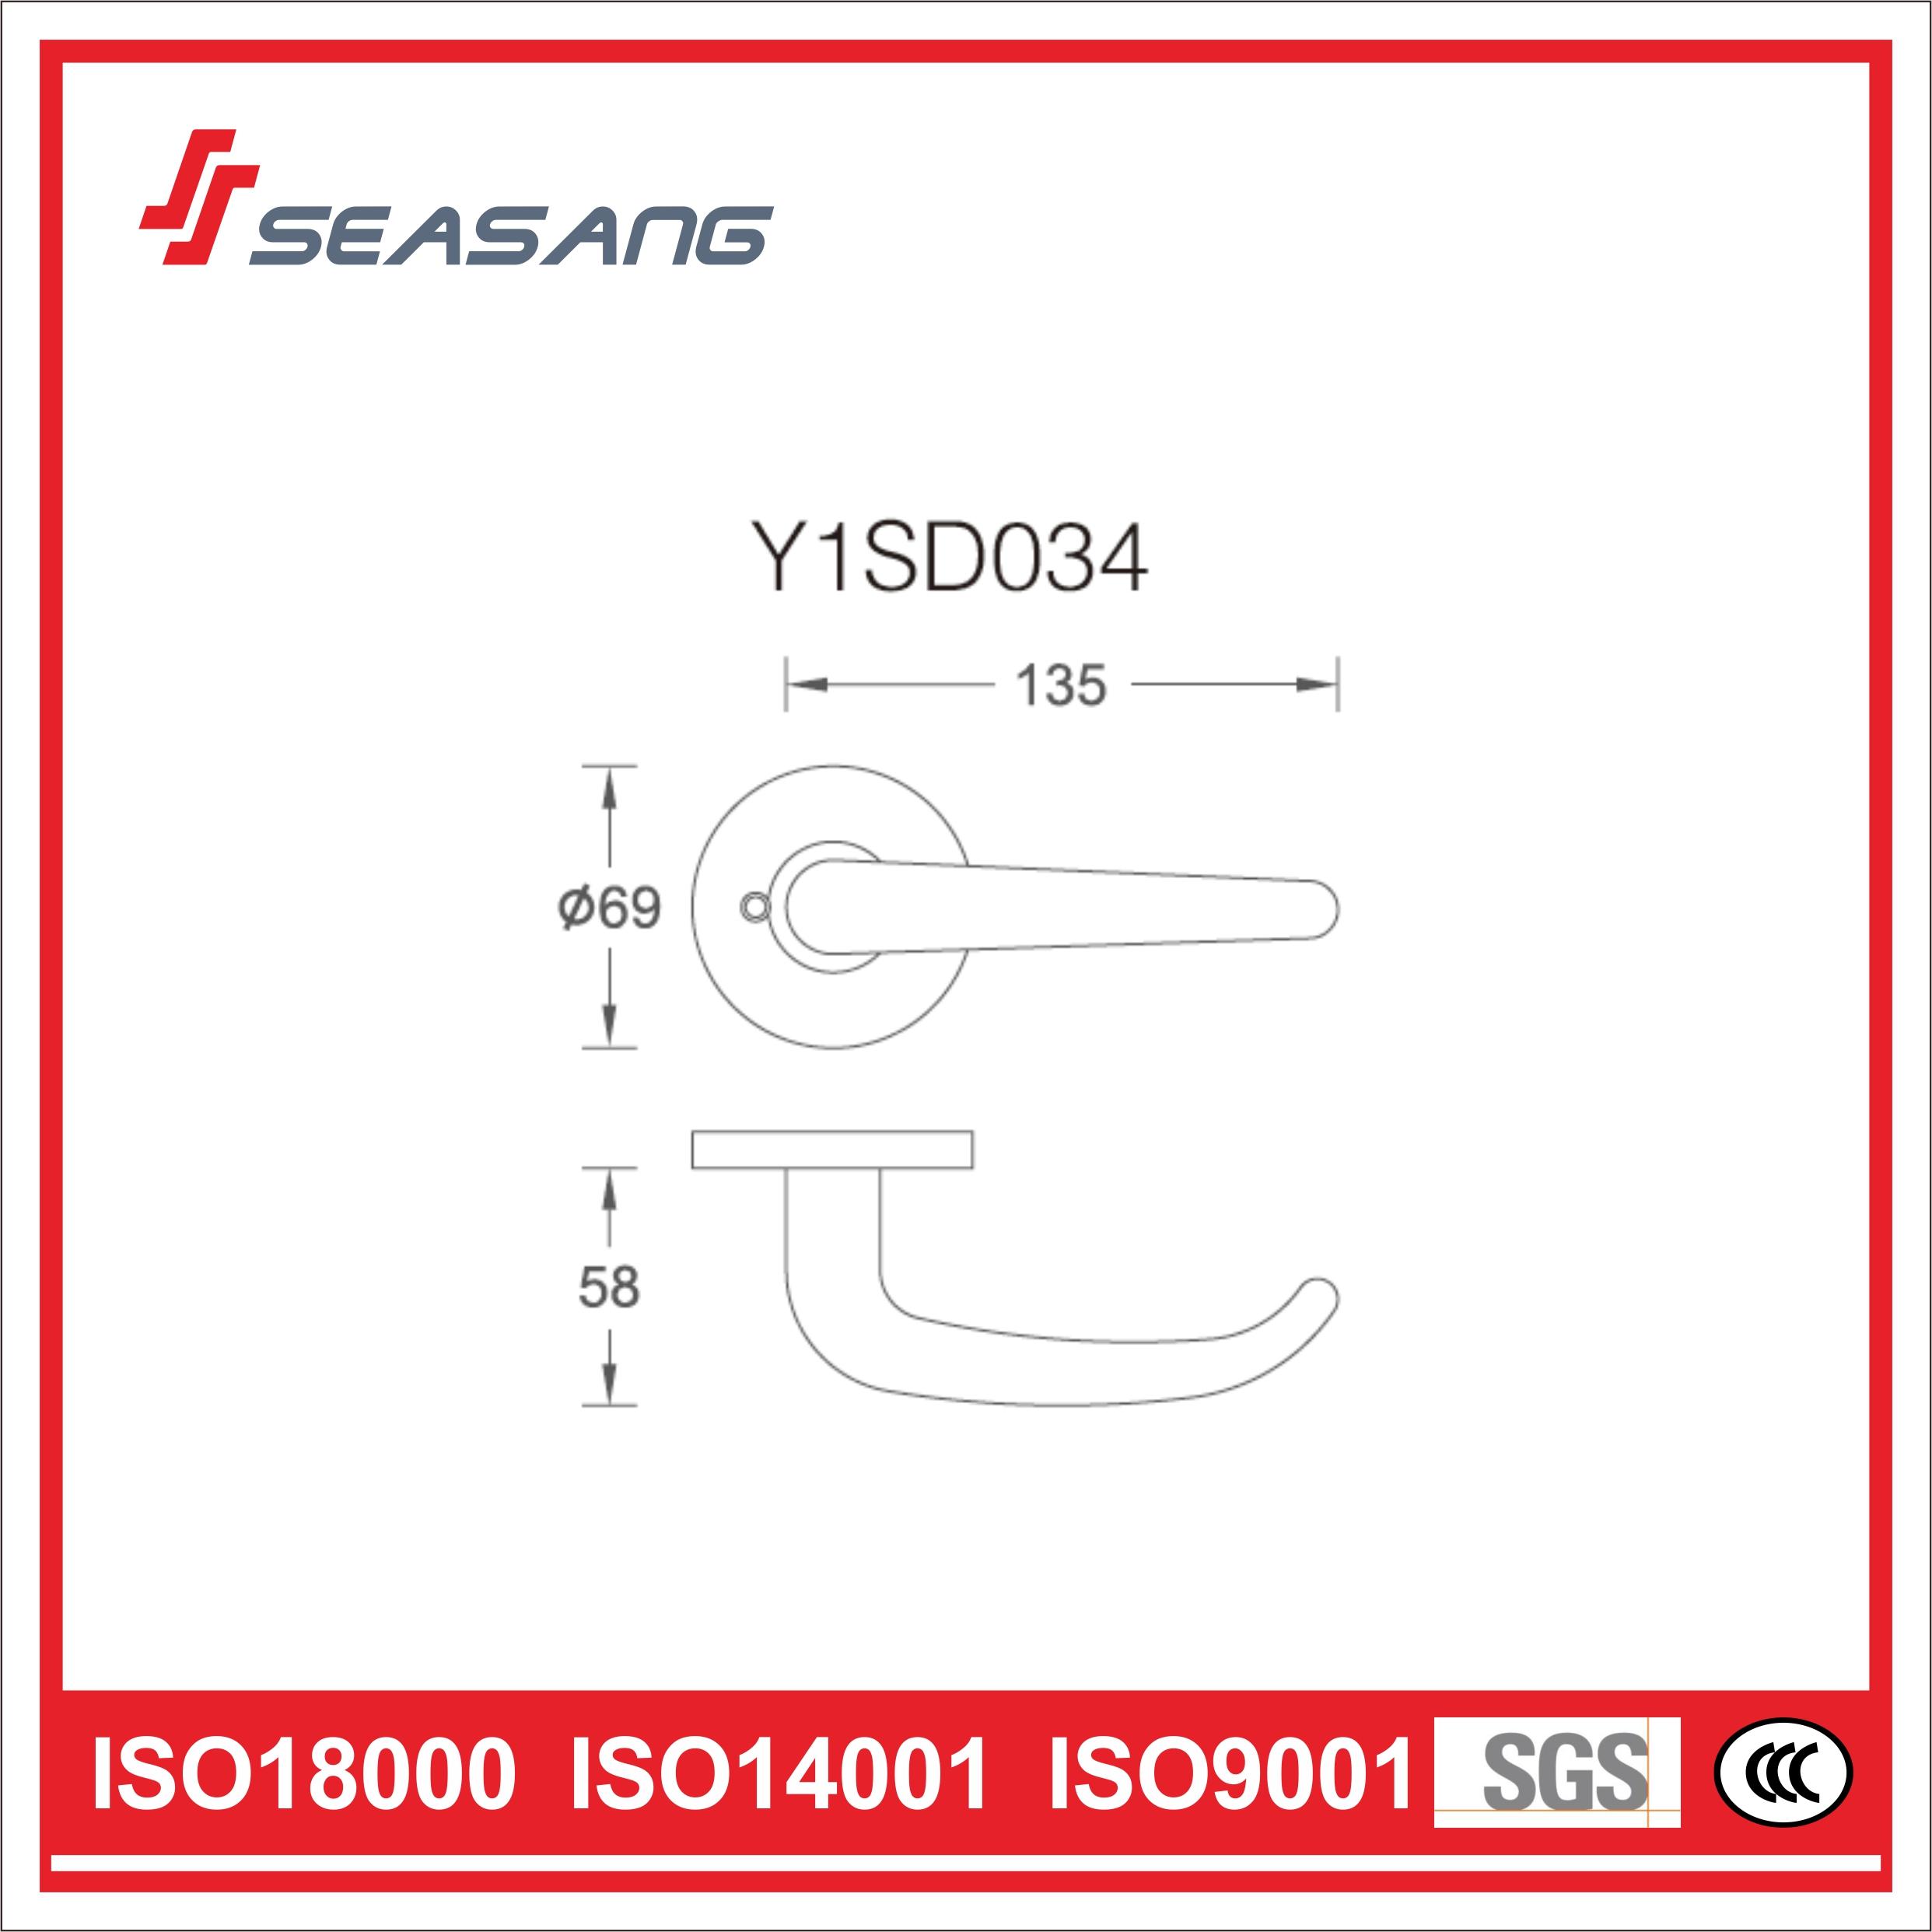 Stainless Steel Bathroom Handle Y1SD034